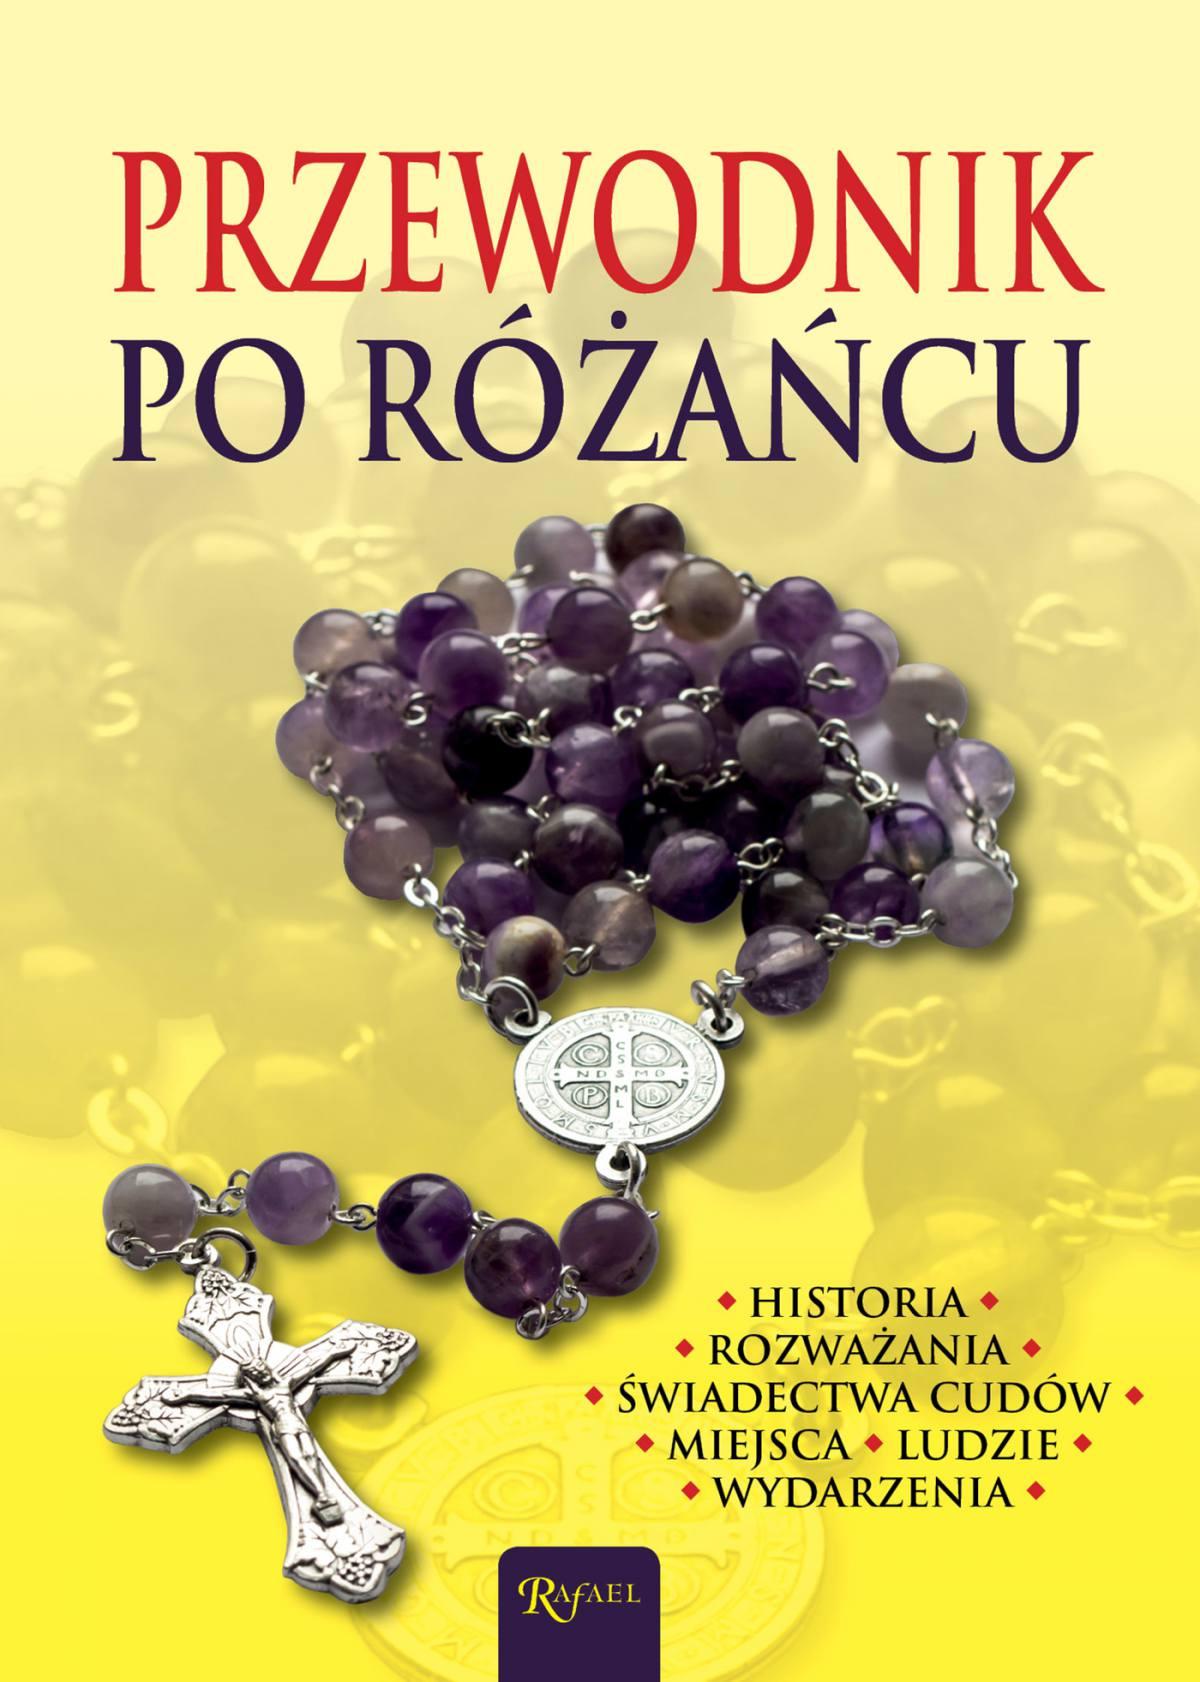 Przewodnik po różańcu - Ebook (Książka PDF) do pobrania w formacie PDF